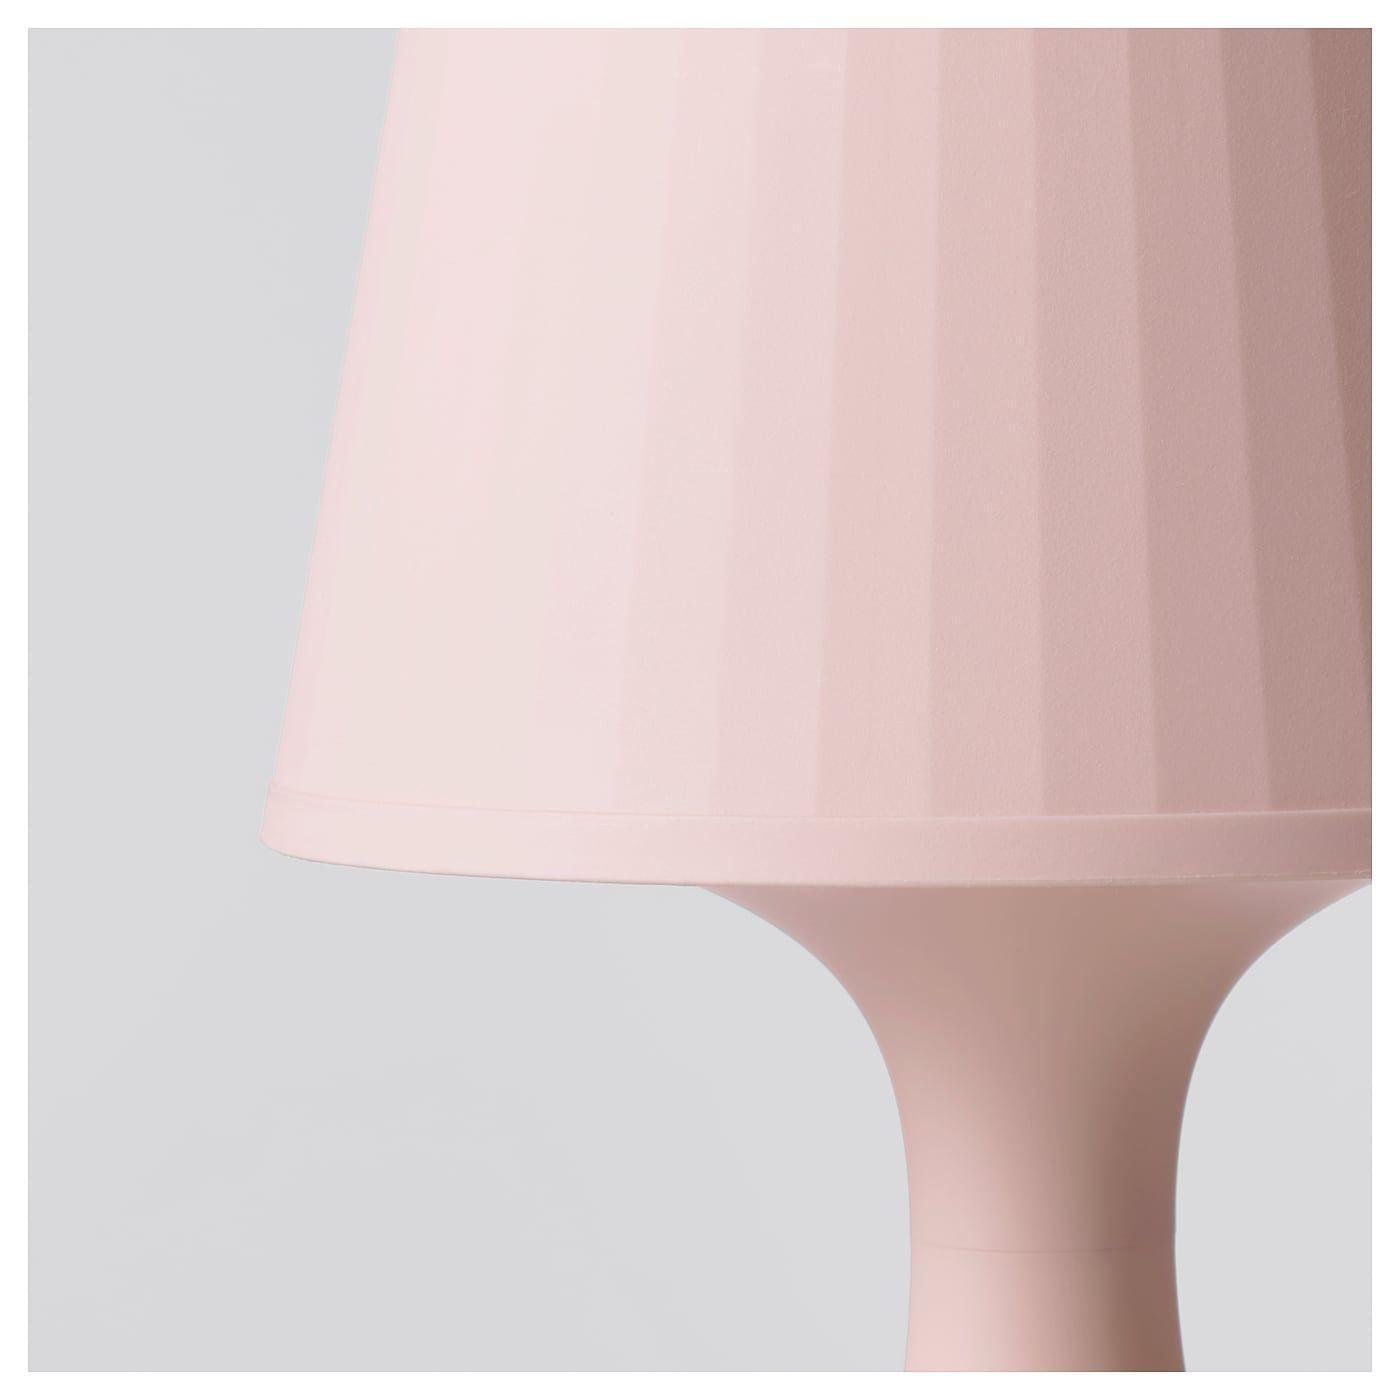 Ikea Lampe Rosa